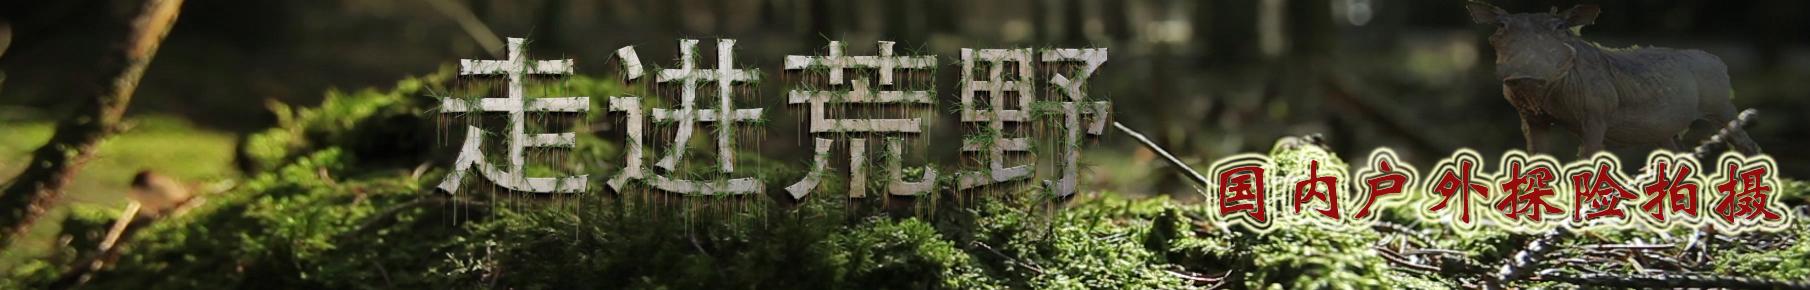 温热山丘 banner